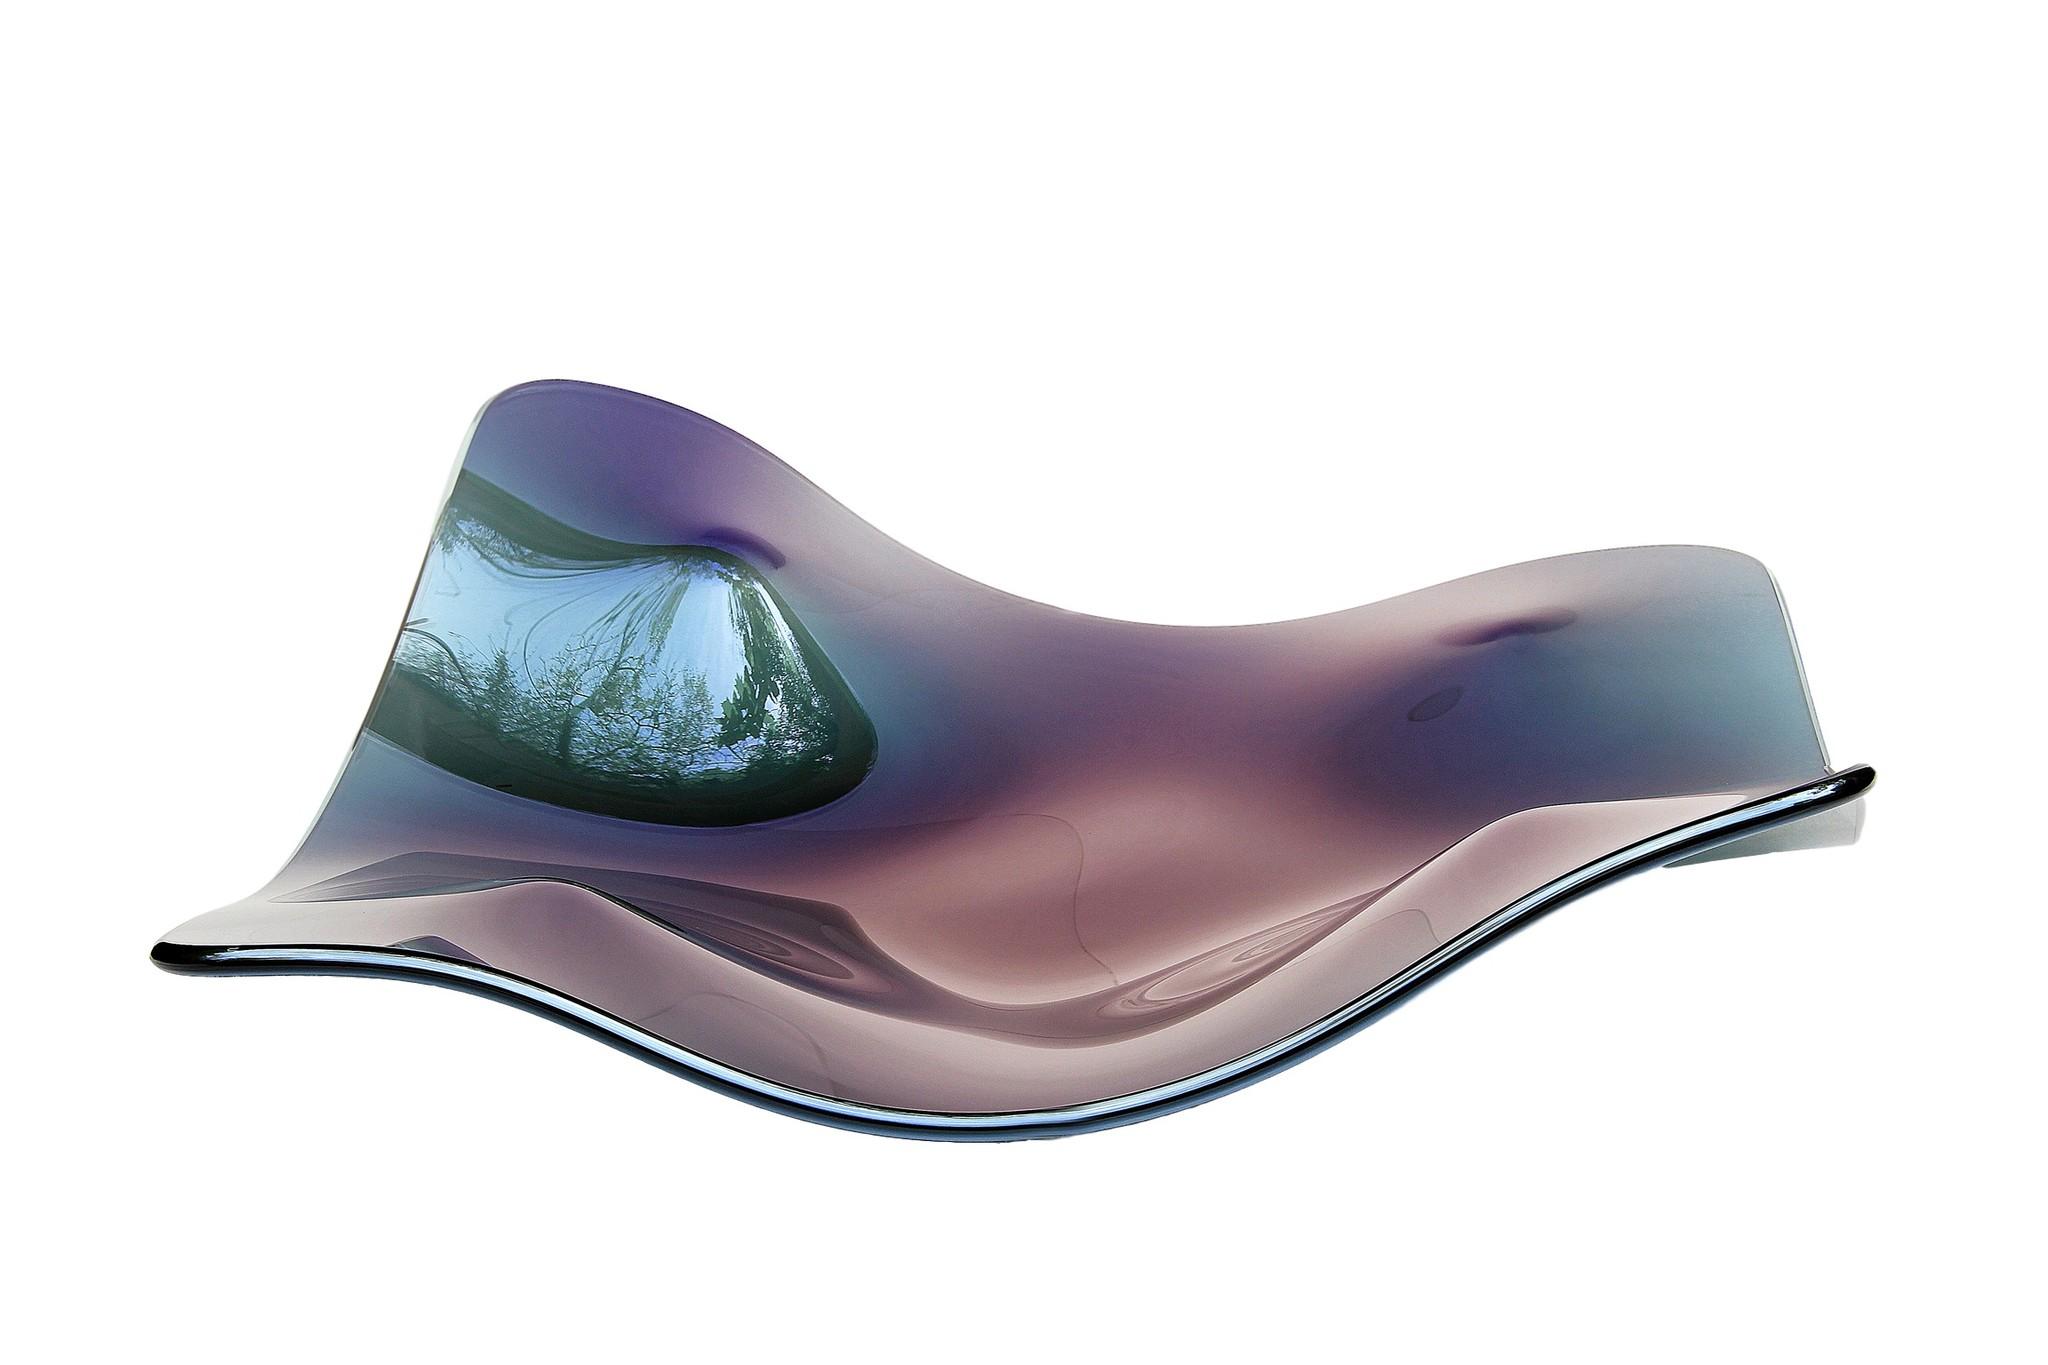 Ваза MantaДекоративные блюда<br>Manta Indigo - это симбиоз стихий и иллюзий, которые завораживают с первого взгляда. Удивительный арт-объект покоряет своей легкостью и в тоже время недоступностью, ведь цветовое решение этого объекта покоряет и гипнотизирует. Словно тысячи планет и созвездий сочетаются на одной поверхности этого творения мастерской братьев Фомичевых. Впечатляет не только форма и цветовое решение Manta Indigo, но и ее функциональность, ведь она с легкостью может стать украшением любого обеденного стола.<br><br>Material: Стекло<br>Ширина см: 70<br>Высота см: 16<br>Глубина см: 70